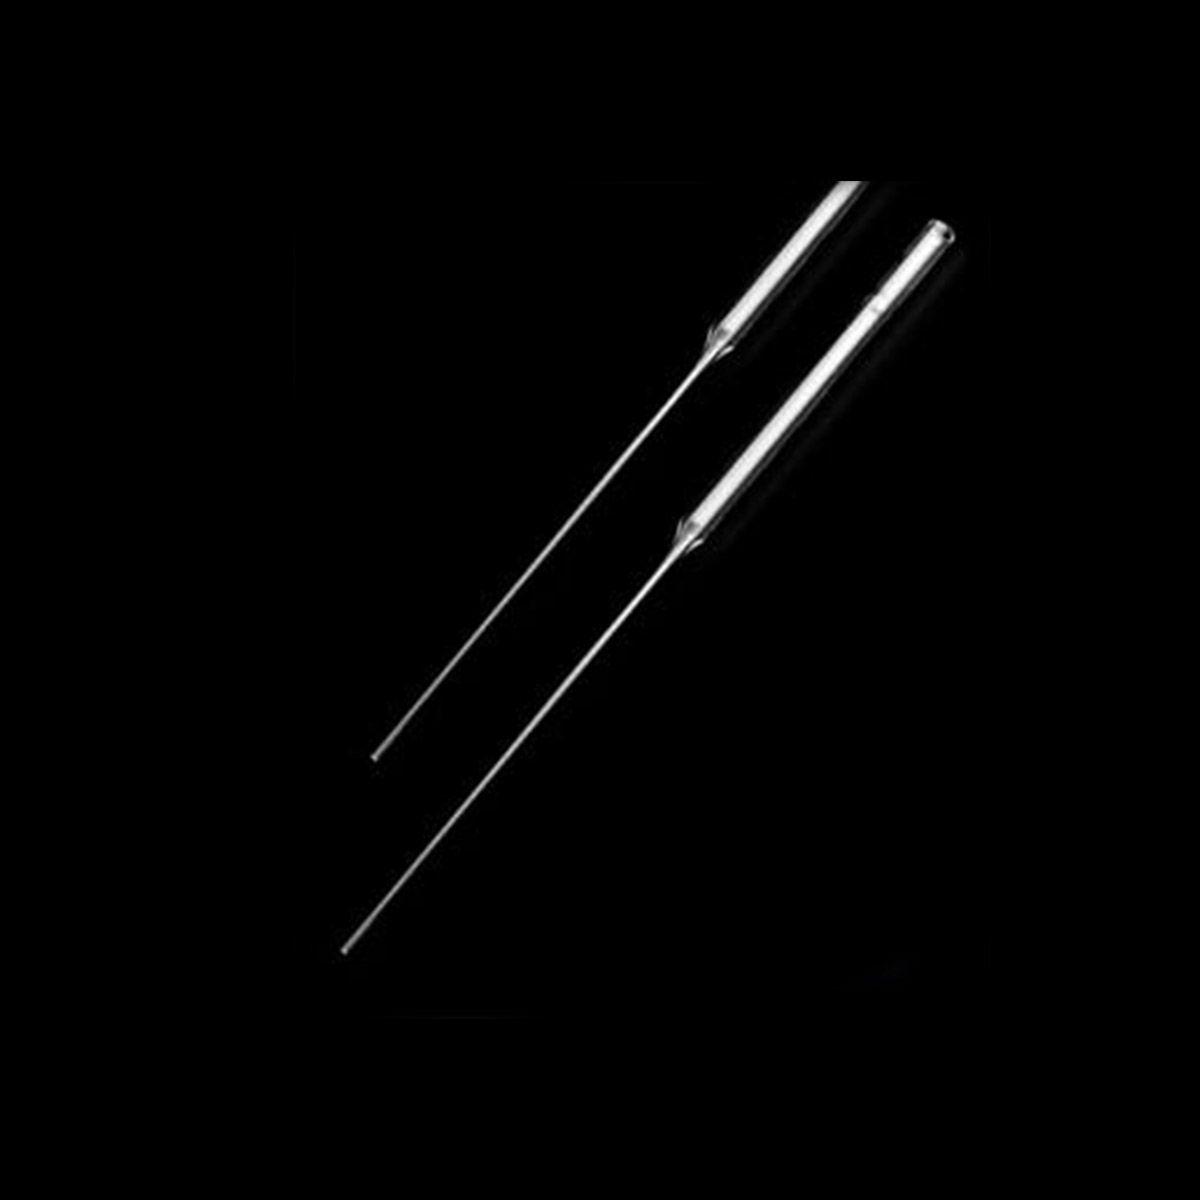 Pipeta Pasteur Vidro Caixa 250 Unidades